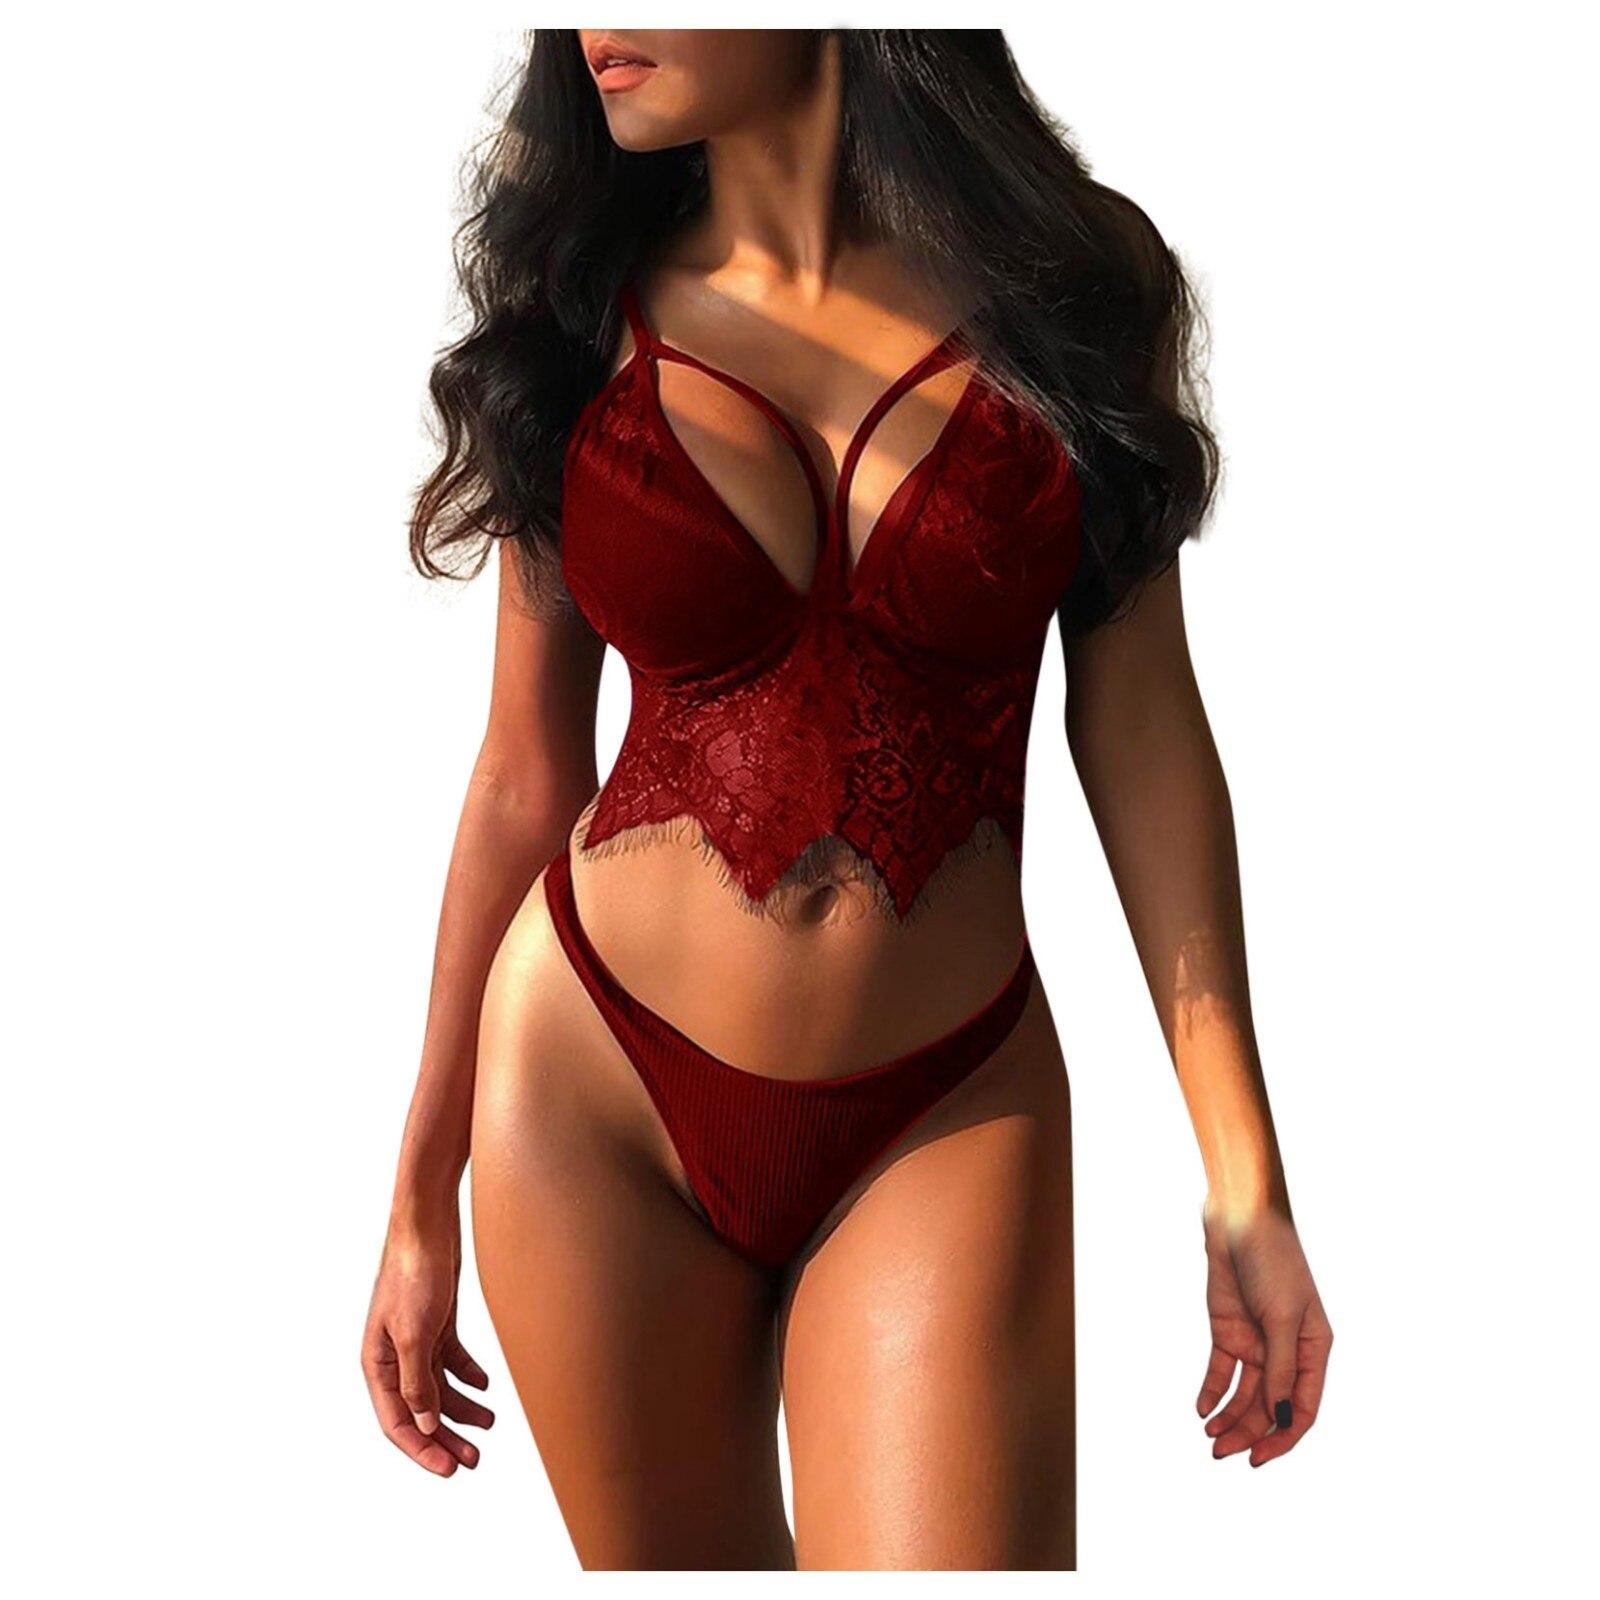 Ensemble de Lingerie Sexy pour femmes, vêtements de nuit, soutien-gorge en dentelle